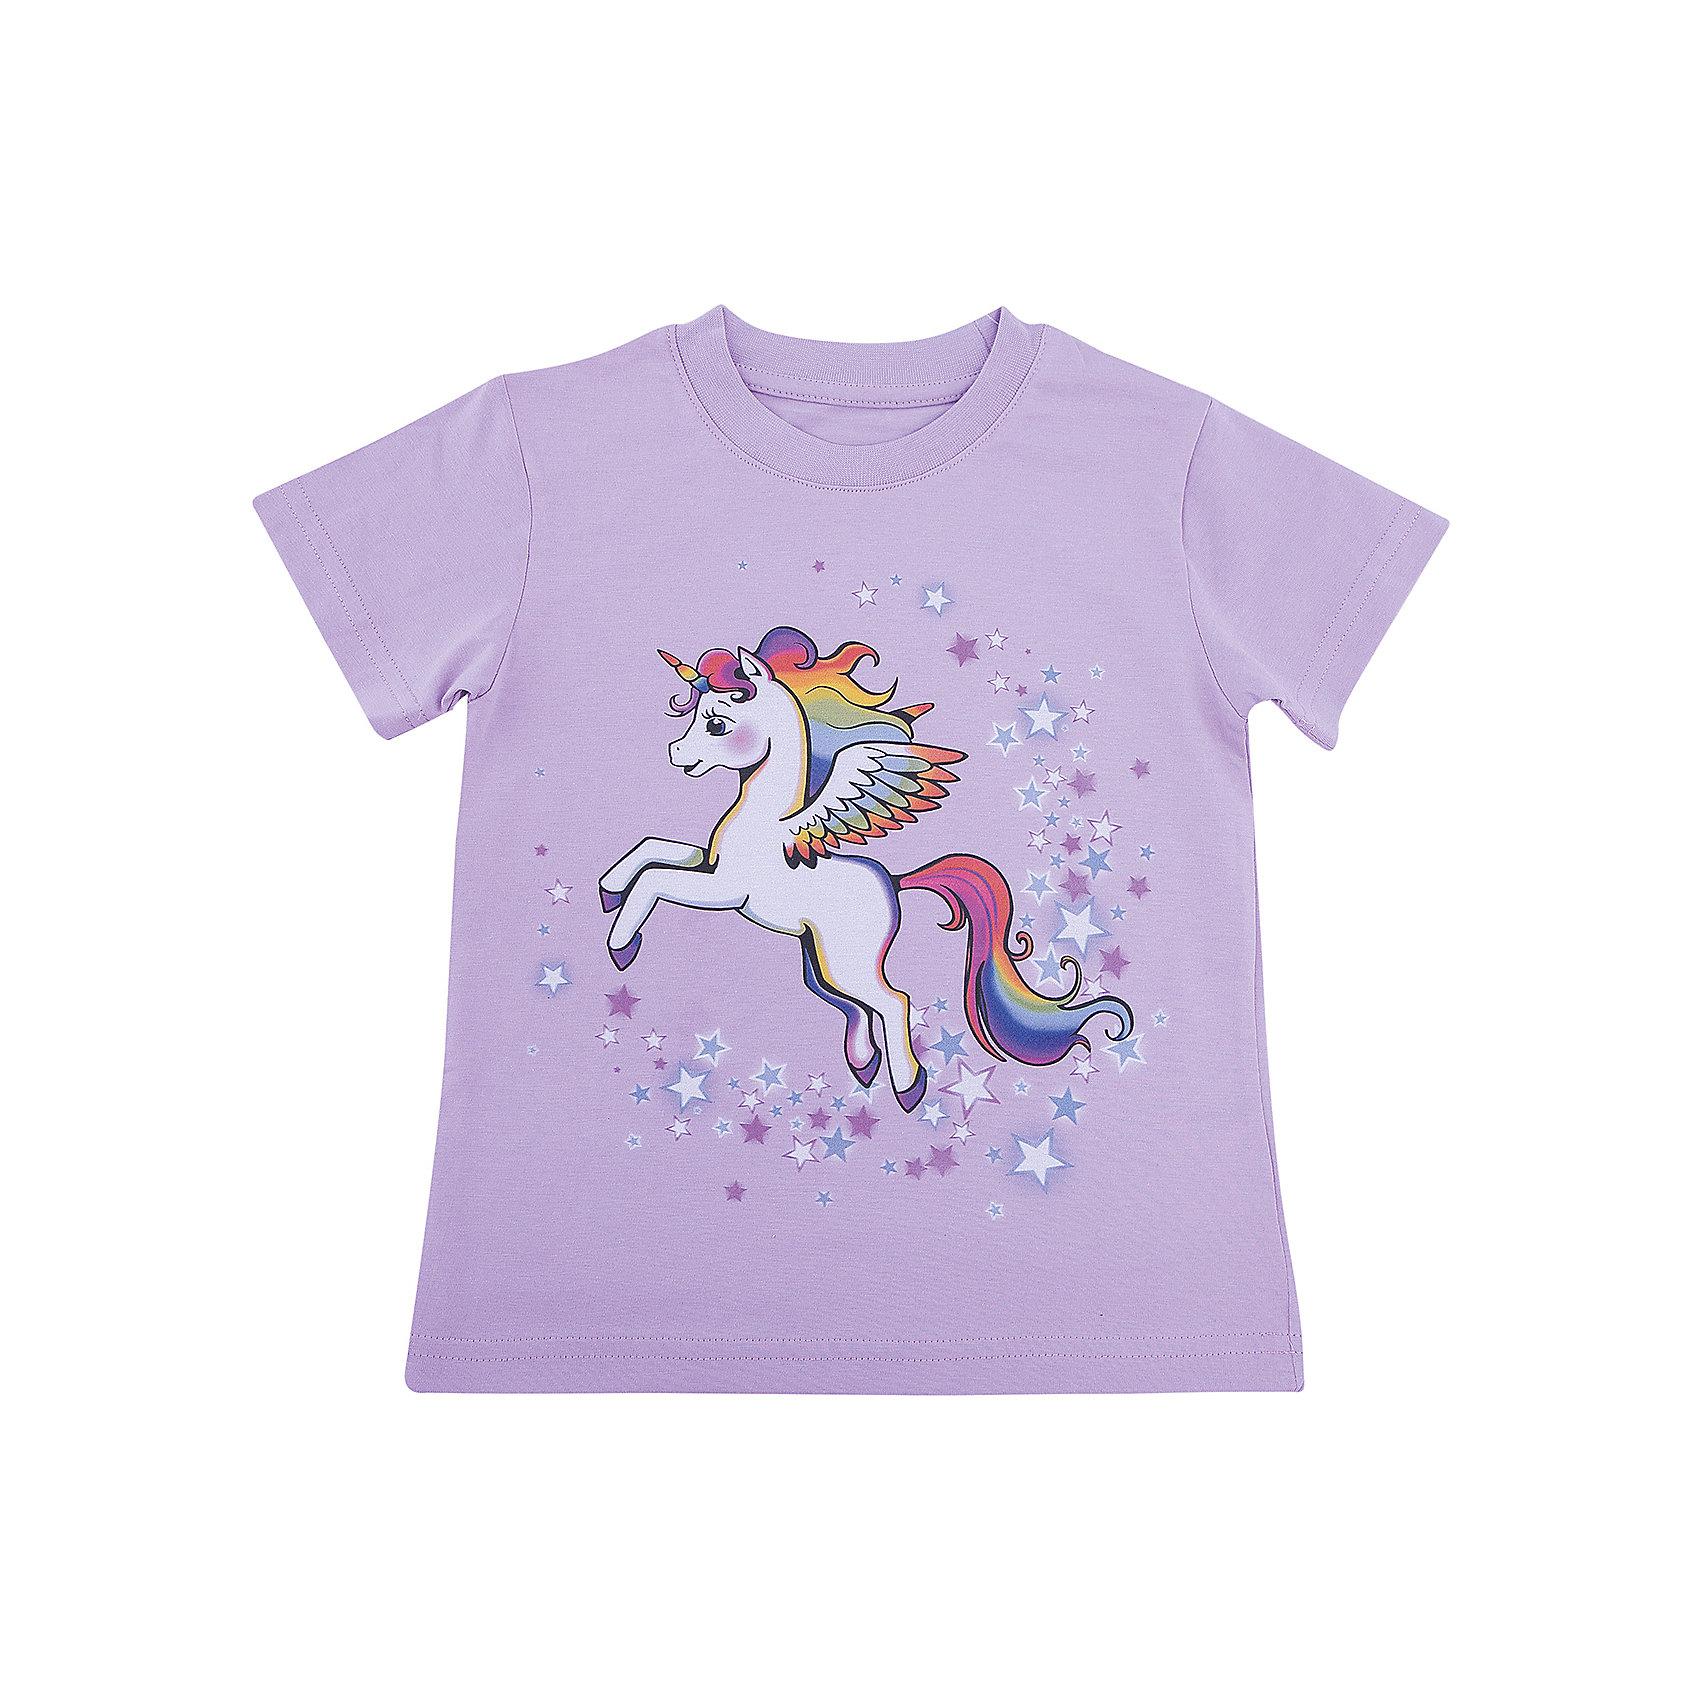 Футболка для девочки WOWФутболки, поло и топы<br>Футболка для девочки WOW<br>Незаменимой вещью в  гардеробе послужит футболка с коротким рукавом. Стильная и в тоже время комфортная модель, с яркой оригинальной печатью, будет превосходно смотреться на ребенке.<br>Состав:<br>кулирная гладь 100% хлопок<br><br>Ширина мм: 199<br>Глубина мм: 10<br>Высота мм: 161<br>Вес г: 151<br>Цвет: фиолетовый<br>Возраст от месяцев: 72<br>Возраст до месяцев: 84<br>Пол: Женский<br>Возраст: Детский<br>Размер: 122,98,104,110,116<br>SKU: 6871751